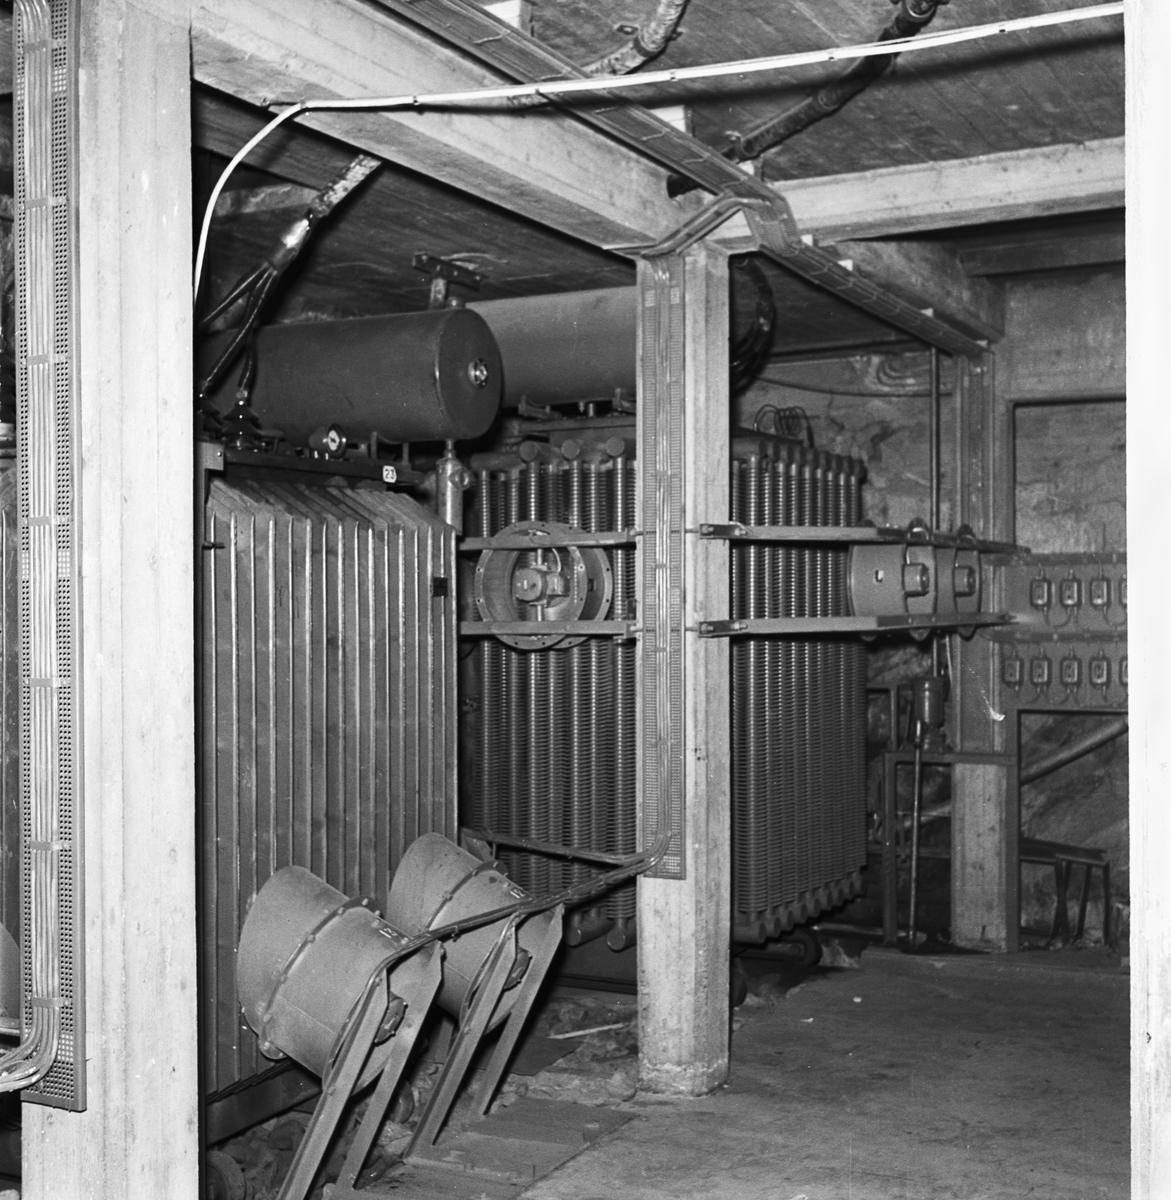 Övrigt: Foto datum: 6/11 1951 Byggnader och kranar Elverkstan ställverk i tunneln